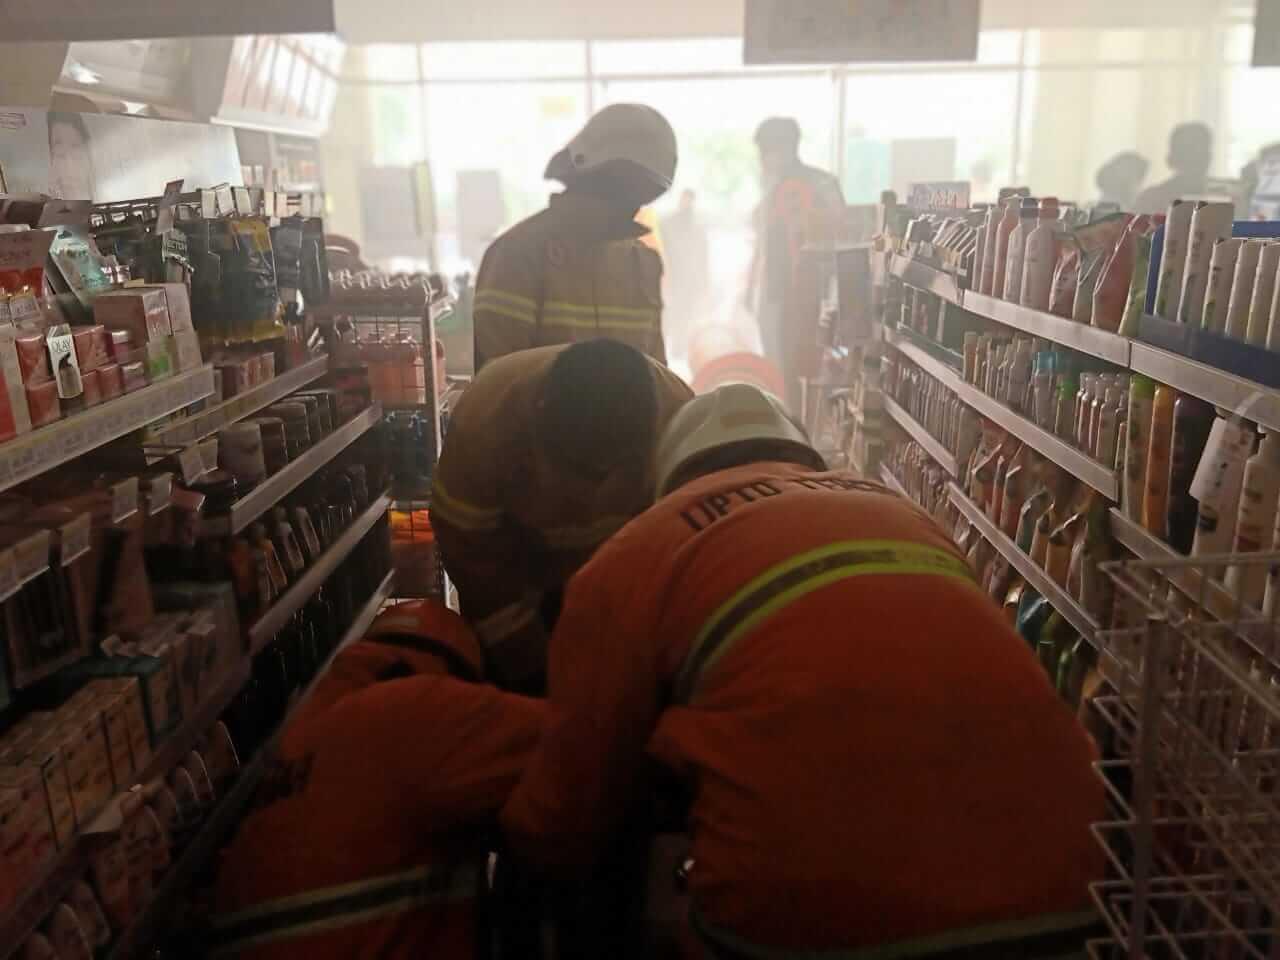 Indomaret Nyaris Terbakar, Asap Mengepul dari Gudang - headlinekaltim.co